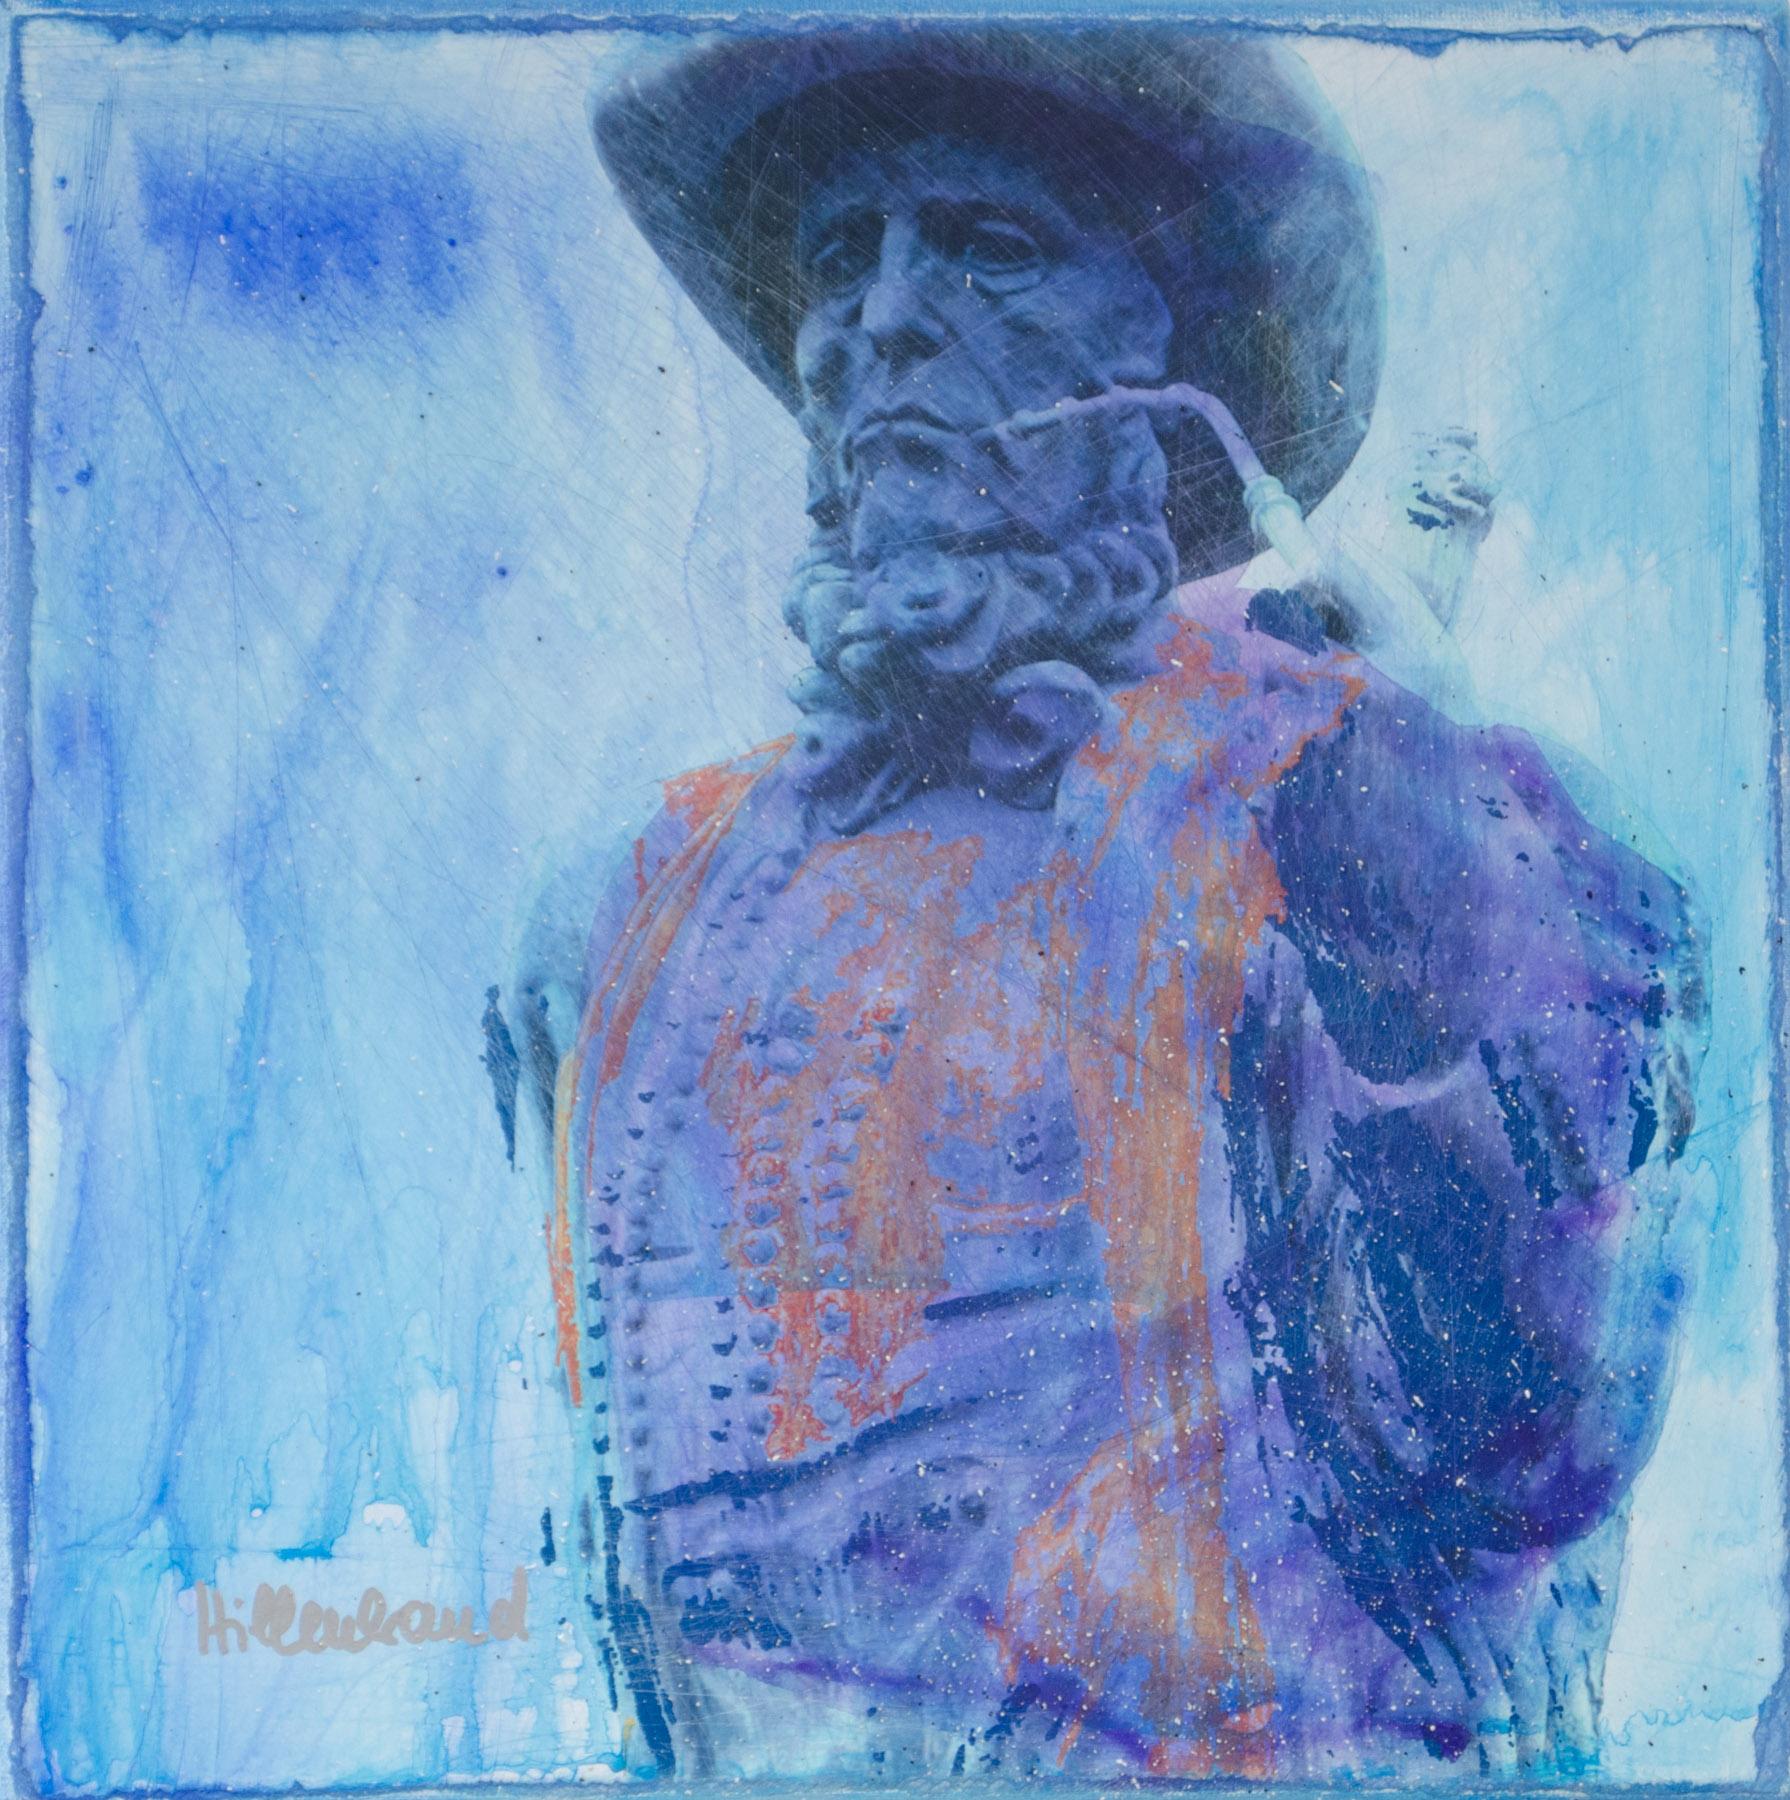 Leineweber blau in blau